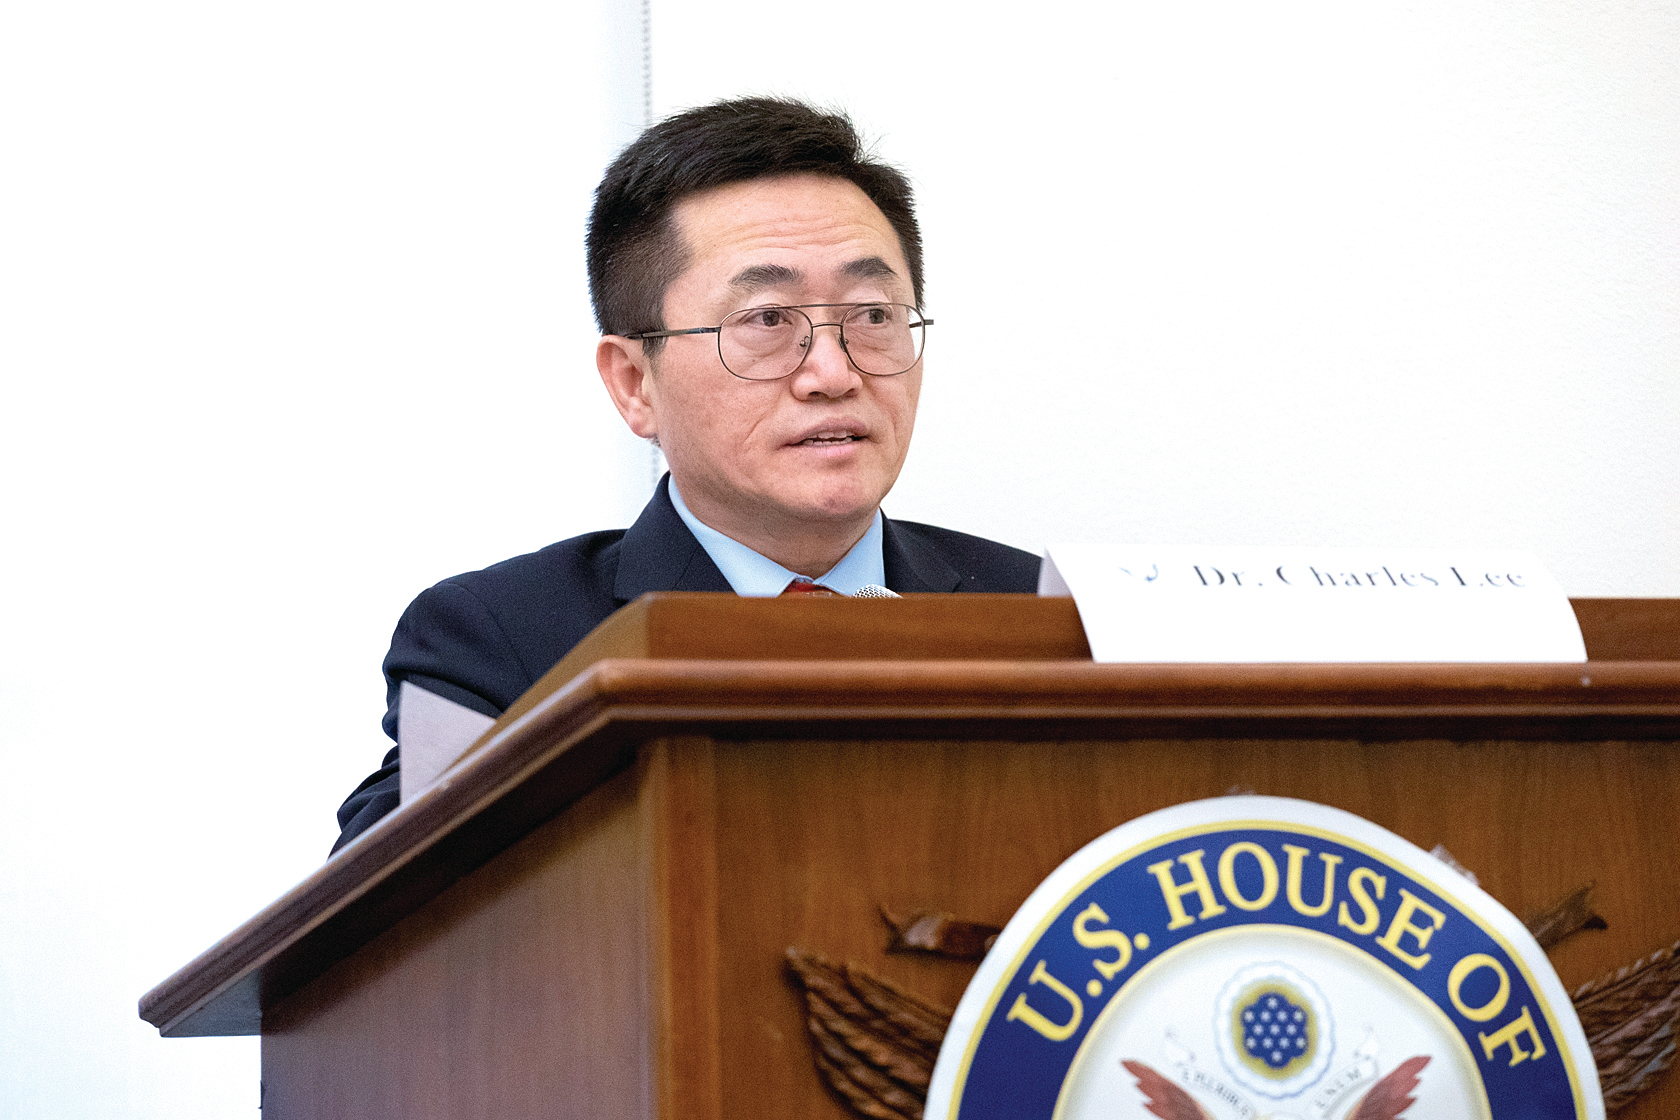 法輪功學員李祥春博士在「全球反迫害制止中共暴行、聲援退黨大潮」研討會上發言。(林樂予/大紀元)